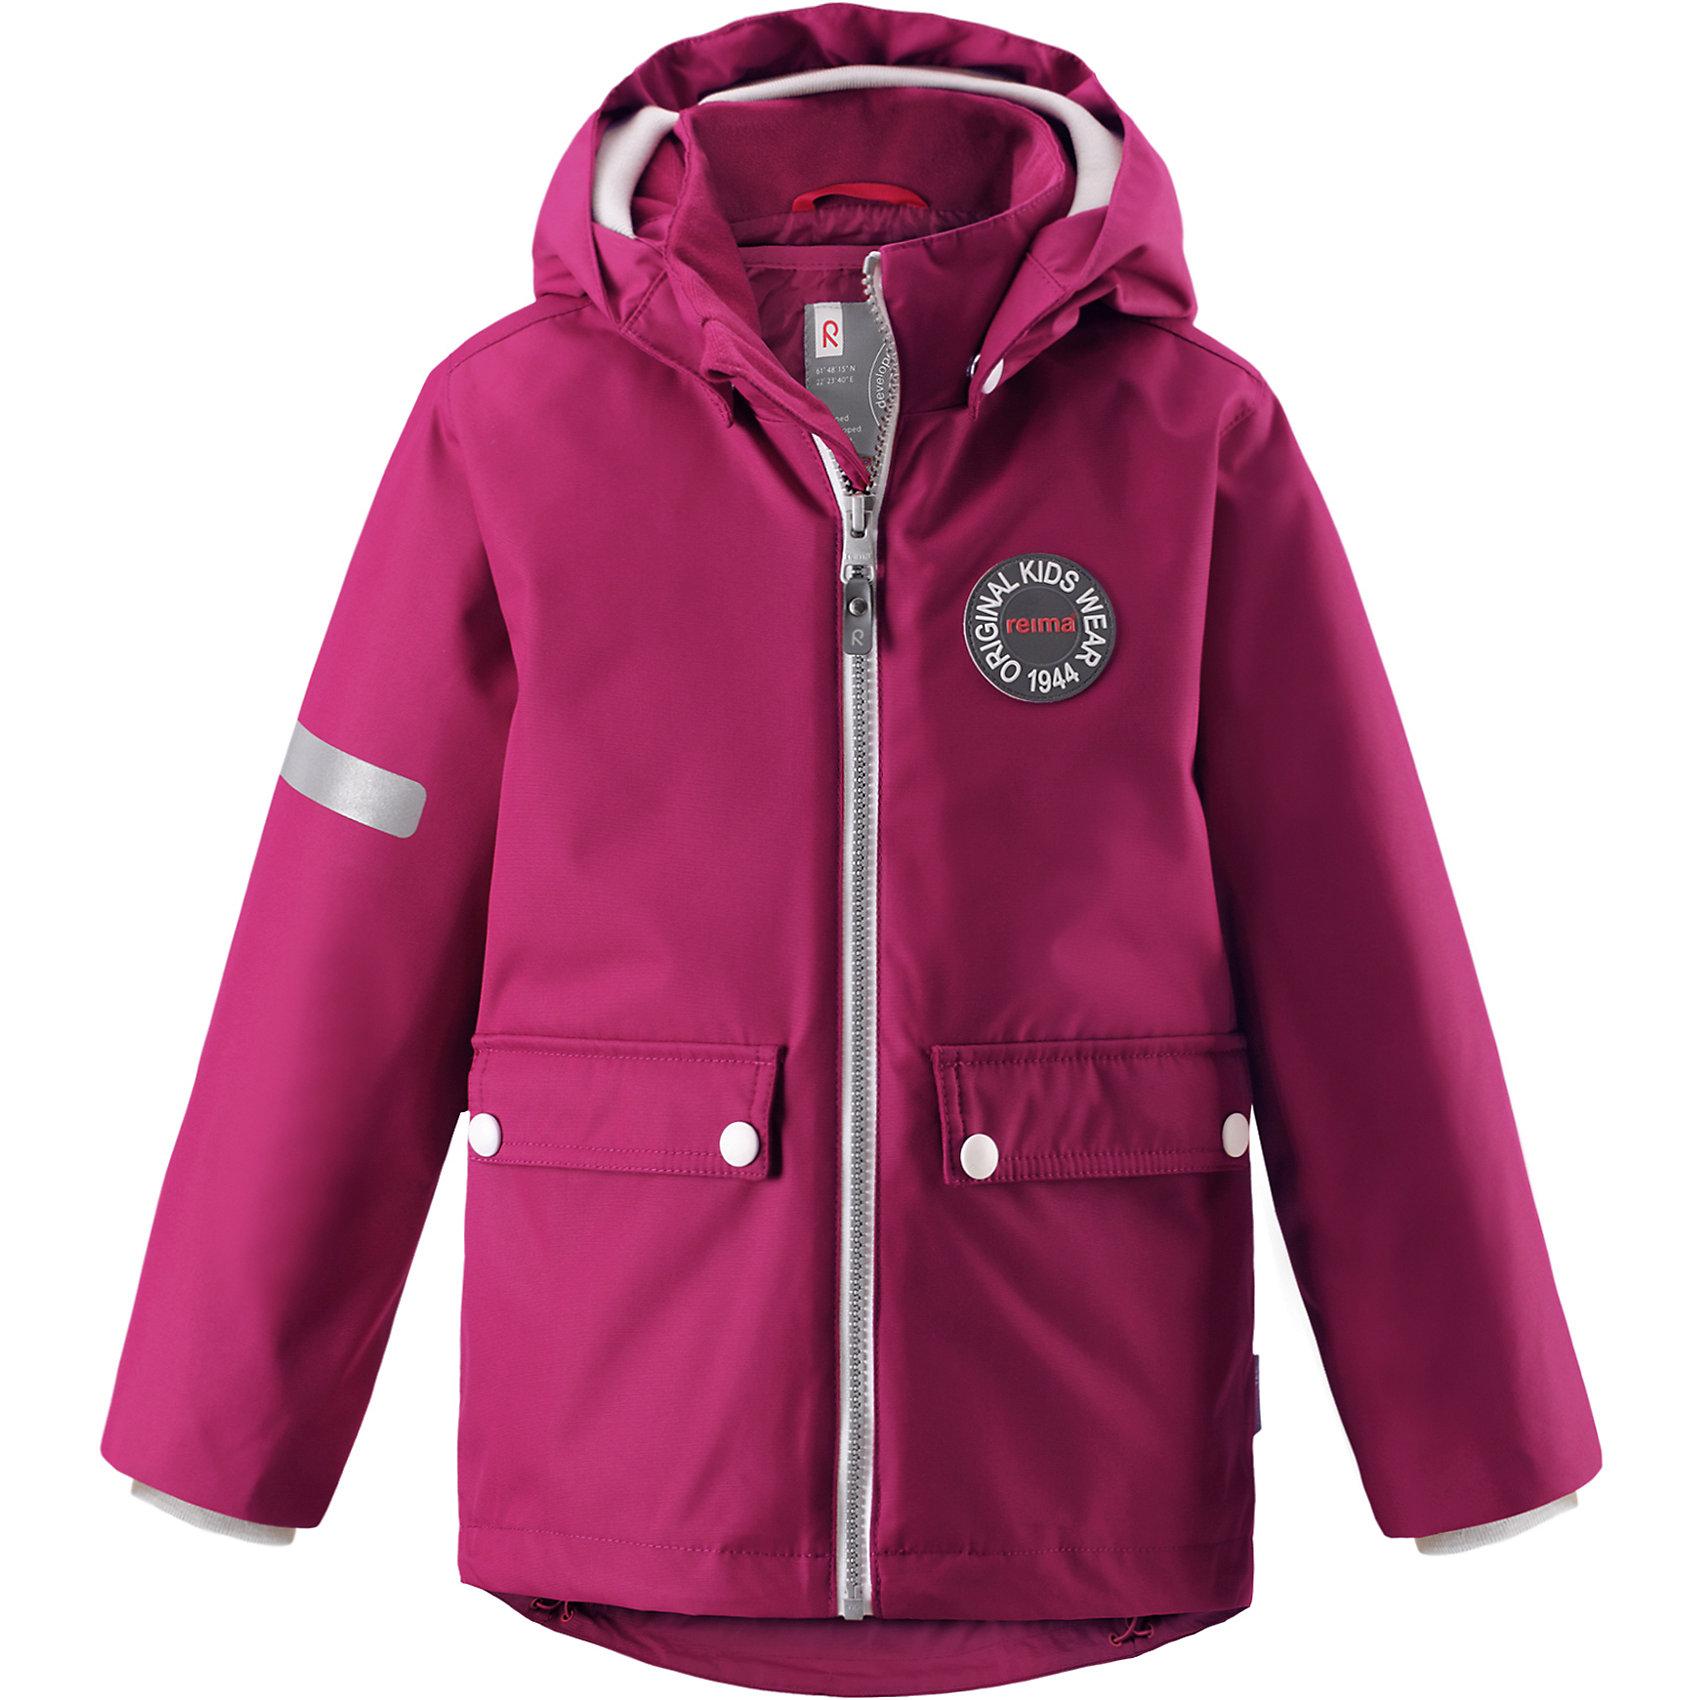 Куртка Taag Reimatec® ReimaВерхняя одежда<br>Характеристики товара:<br><br>• цвет: фиолетовый;<br>• состав: 100% полиэстер;<br>• утеплитель: 140 г/м2;<br>• сезон: демисезон, зима;<br>• температурный режим: от +10 до -10С;<br>• водонепроницаемость: 10000 мм;<br>• воздухопроницаемость: 10000 мм;<br>• износостойкость: 30000 циклов (тест Мартиндейла);<br>• водо и ветронепроницаемый, дышащий и грязеотталкивающий материал;<br>• все швы проклеены и водонепроницаемы;<br>• безопасный съемный капюшон на кнопках;<br>• застежка: молния с защитой подбородка от защемления;<br>• съемная стеганая подкладка;<br>• мягкая резинка на кромке капюшона и манжетах;<br>• регулируемый подол;<br>• два накладных кармана на кнопках;<br>• логотип Reima® спереди;<br>• светоотражающие элементы;<br>• страна бренда: Финляндия;<br>• страна производства: Китай.<br><br>Демисезонная куртка с капюшоном, в ней дождь не страшен – все основные швы проклеены, водонепроницаемы. Куртка на молнии со съемной стеганой подкладкой – незаменимая вещь для осенней поры а когда похолодает, просто подденьте теплый промежуточный слой и куртка превратиться в отличный зимний вариант. <br><br>Подол в этой куртке прямого покроя легко регулируется, что позволяет подогнать ее идеально по фигуре. Большие карманы с клапанами и светоотражающие детали, вместе с мягкой резинкой на манжетах и по краю капюшона они придают образу изюминку.<br><br>Куртка Taag Reimatec® Reima (Рейма) можно купить в нашем интернет-магазине.<br><br>Ширина мм: 356<br>Глубина мм: 10<br>Высота мм: 245<br>Вес г: 519<br>Цвет: розовый<br>Возраст от месяцев: 60<br>Возраст до месяцев: 72<br>Пол: Унисекс<br>Возраст: Детский<br>Размер: 116,110,122,128,134,140,104<br>SKU: 6907736